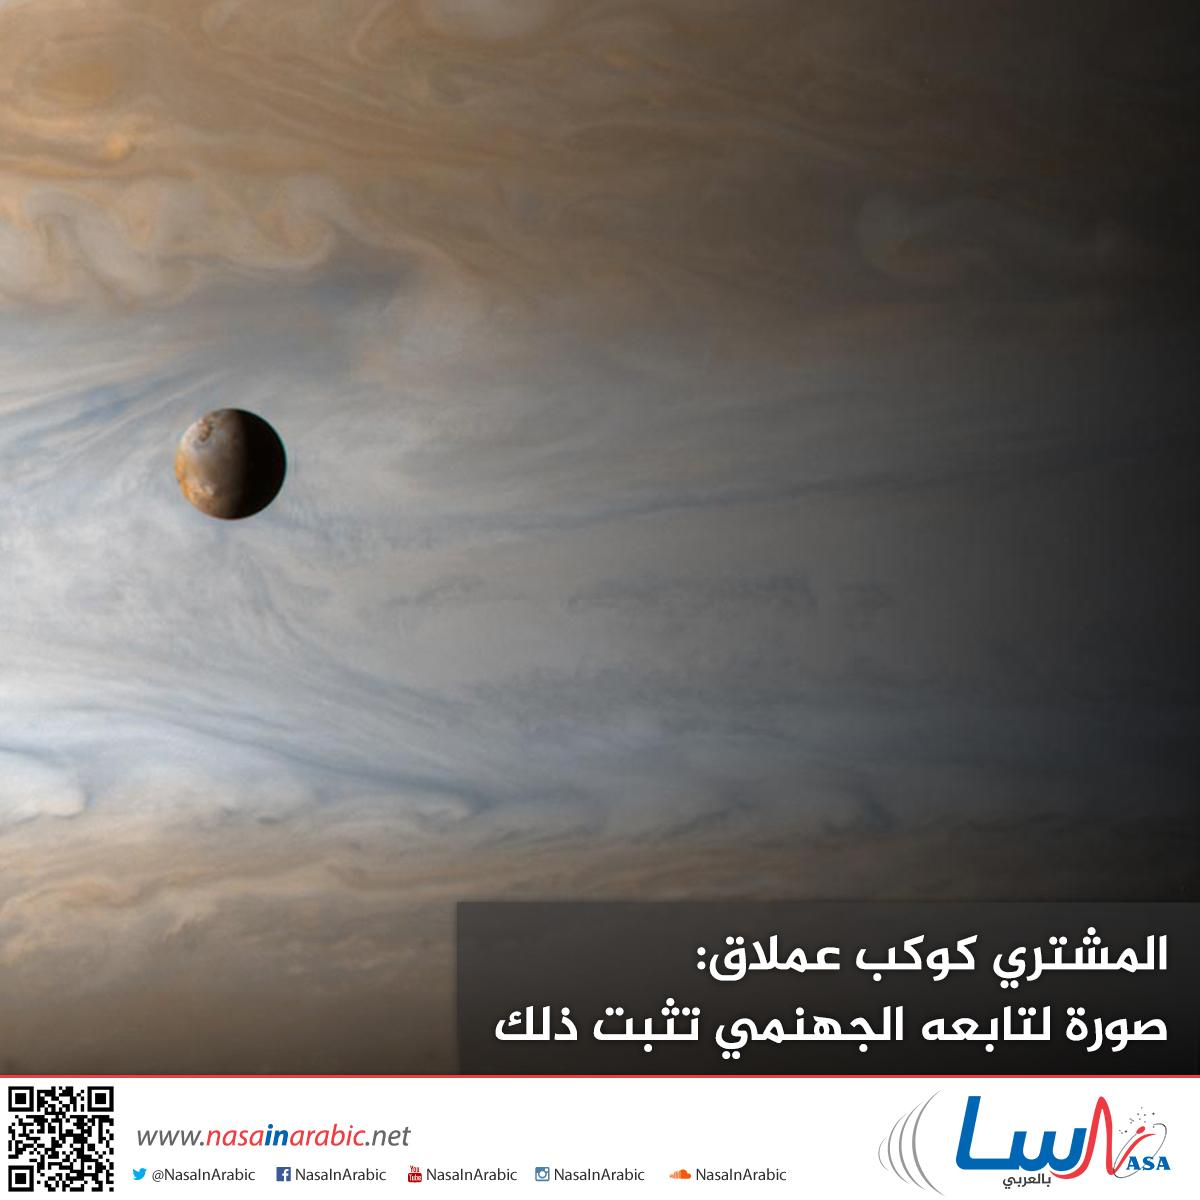 المشتري كوكب عملاق: صورة لتابعه الجهنمي تثبت ذلك